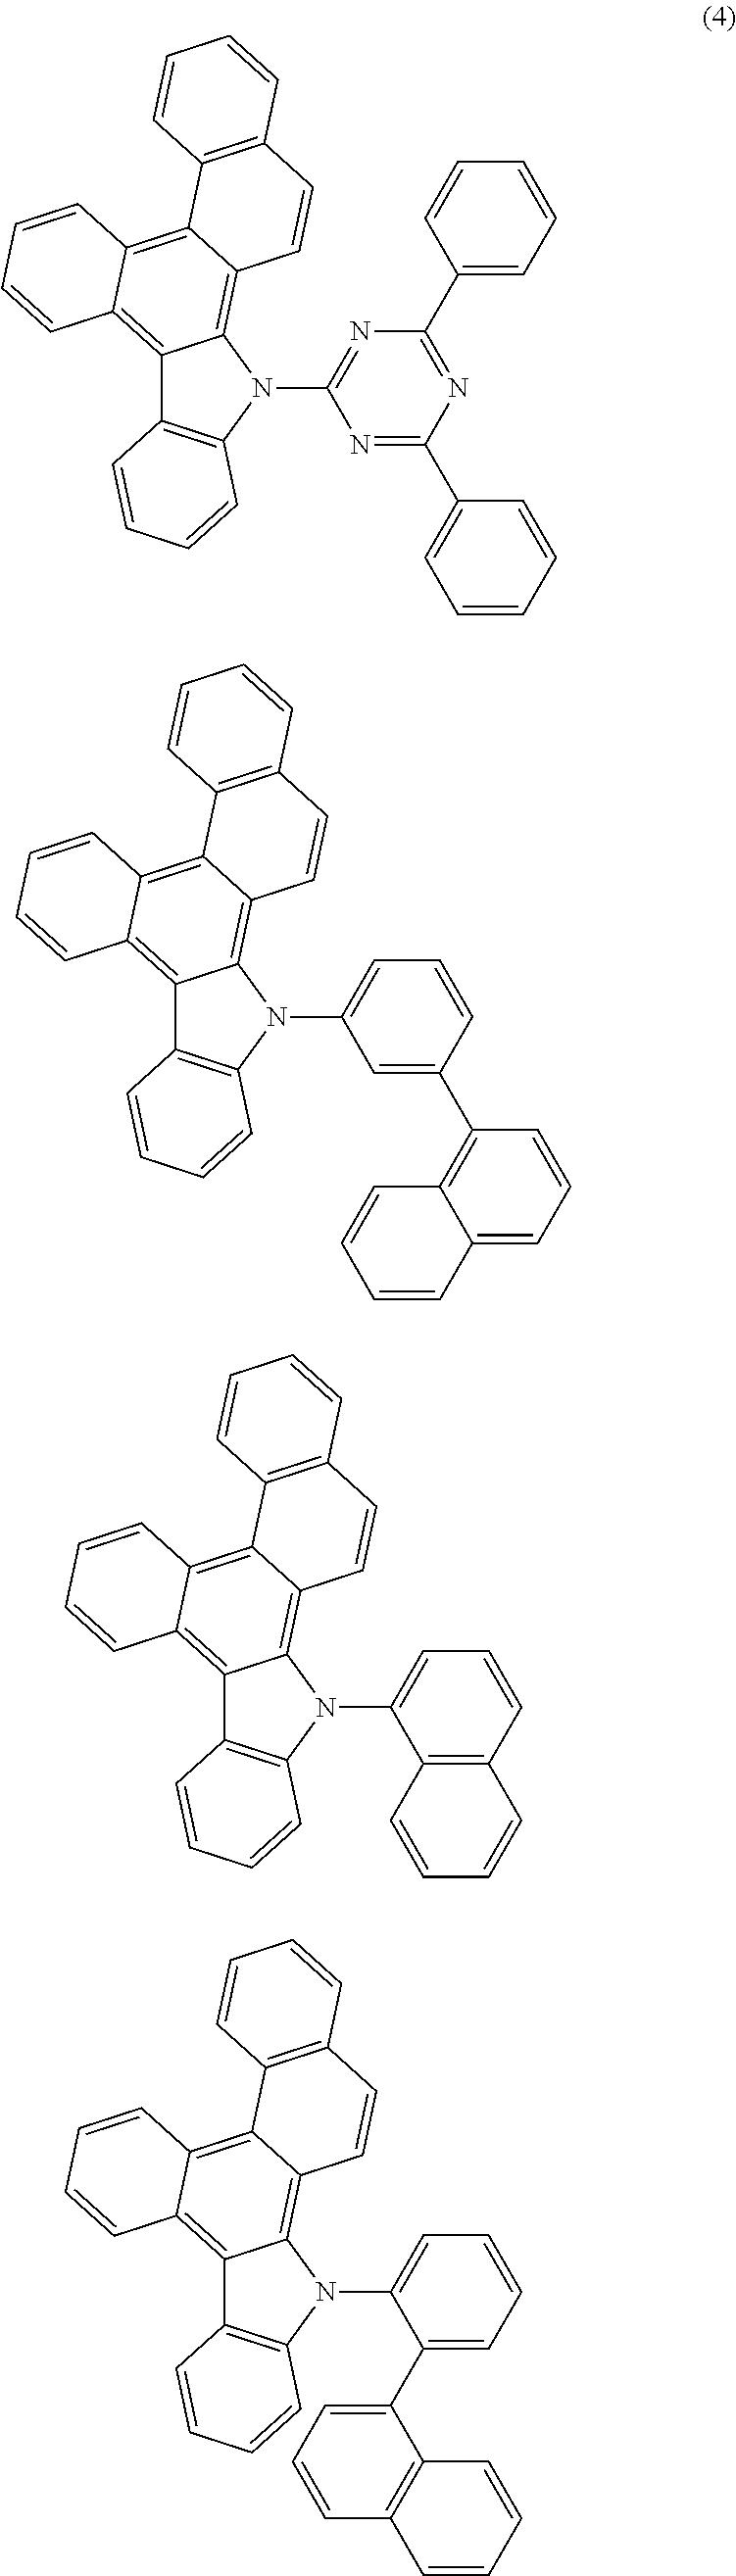 Figure US09837615-20171205-C00033